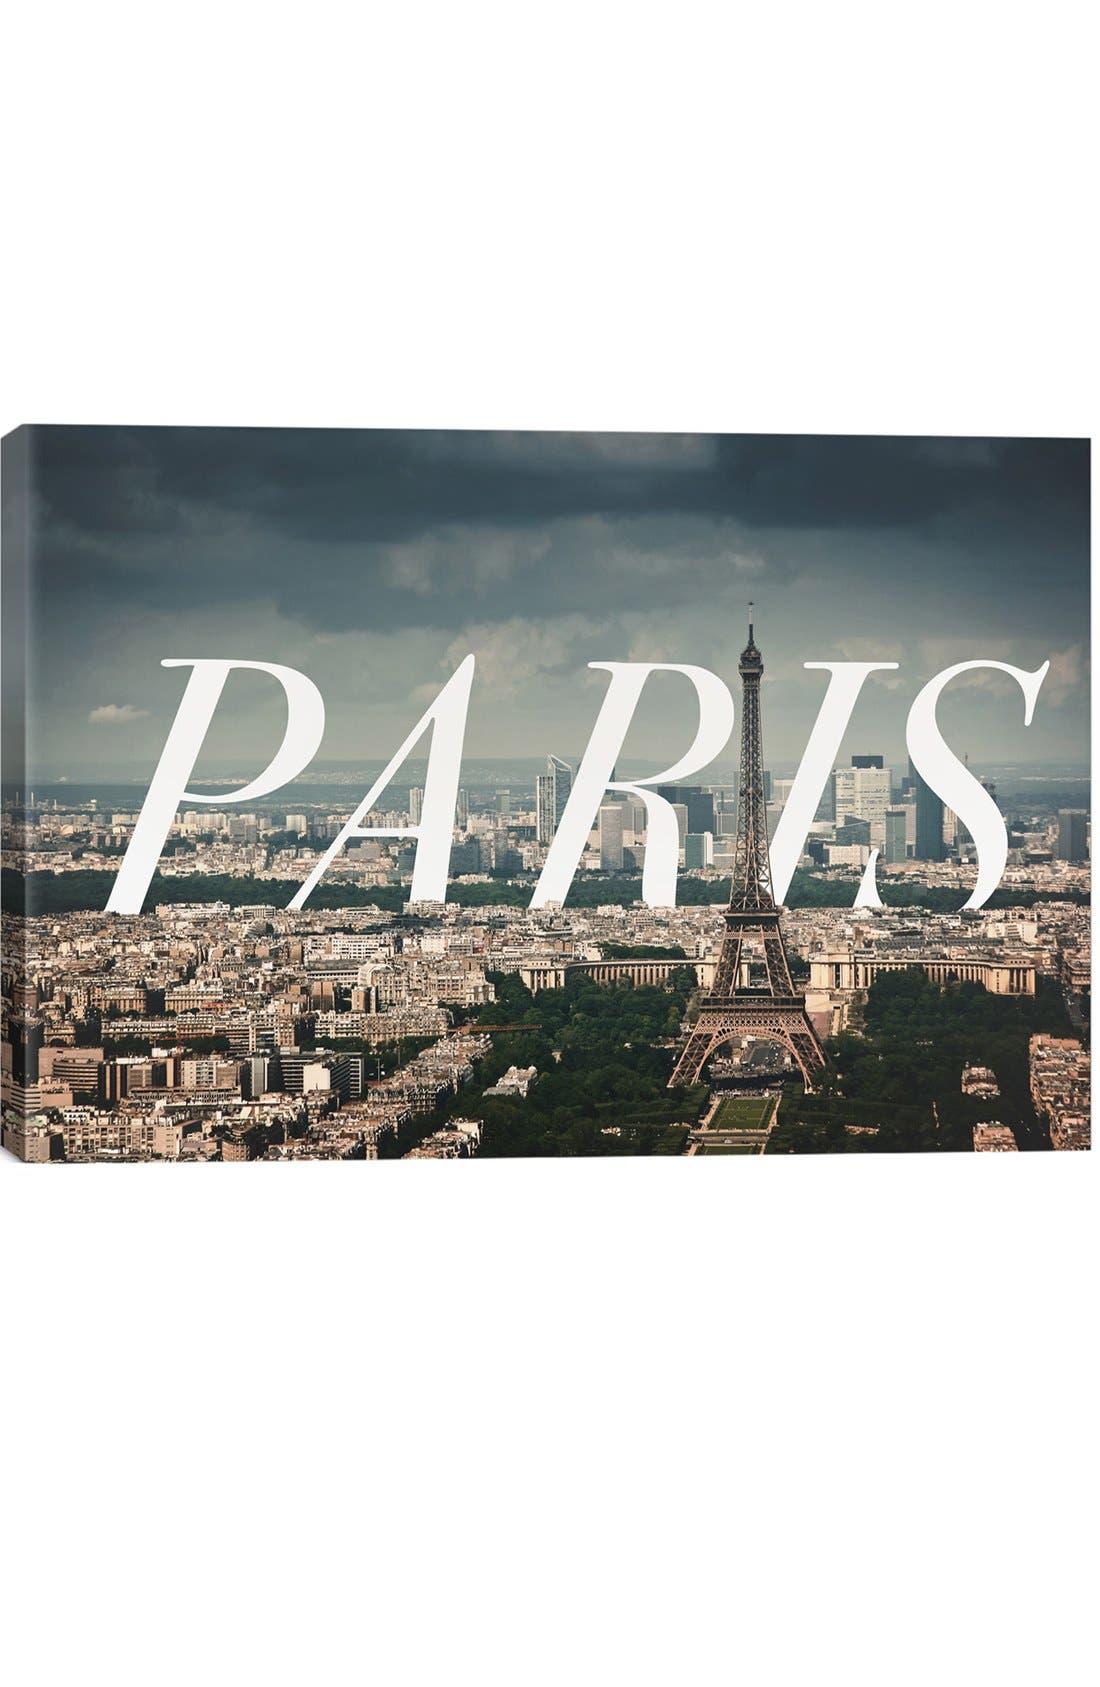 Alternate Image 1 Selected - iCanvas 'Paris' Giclée Print Canvas Art